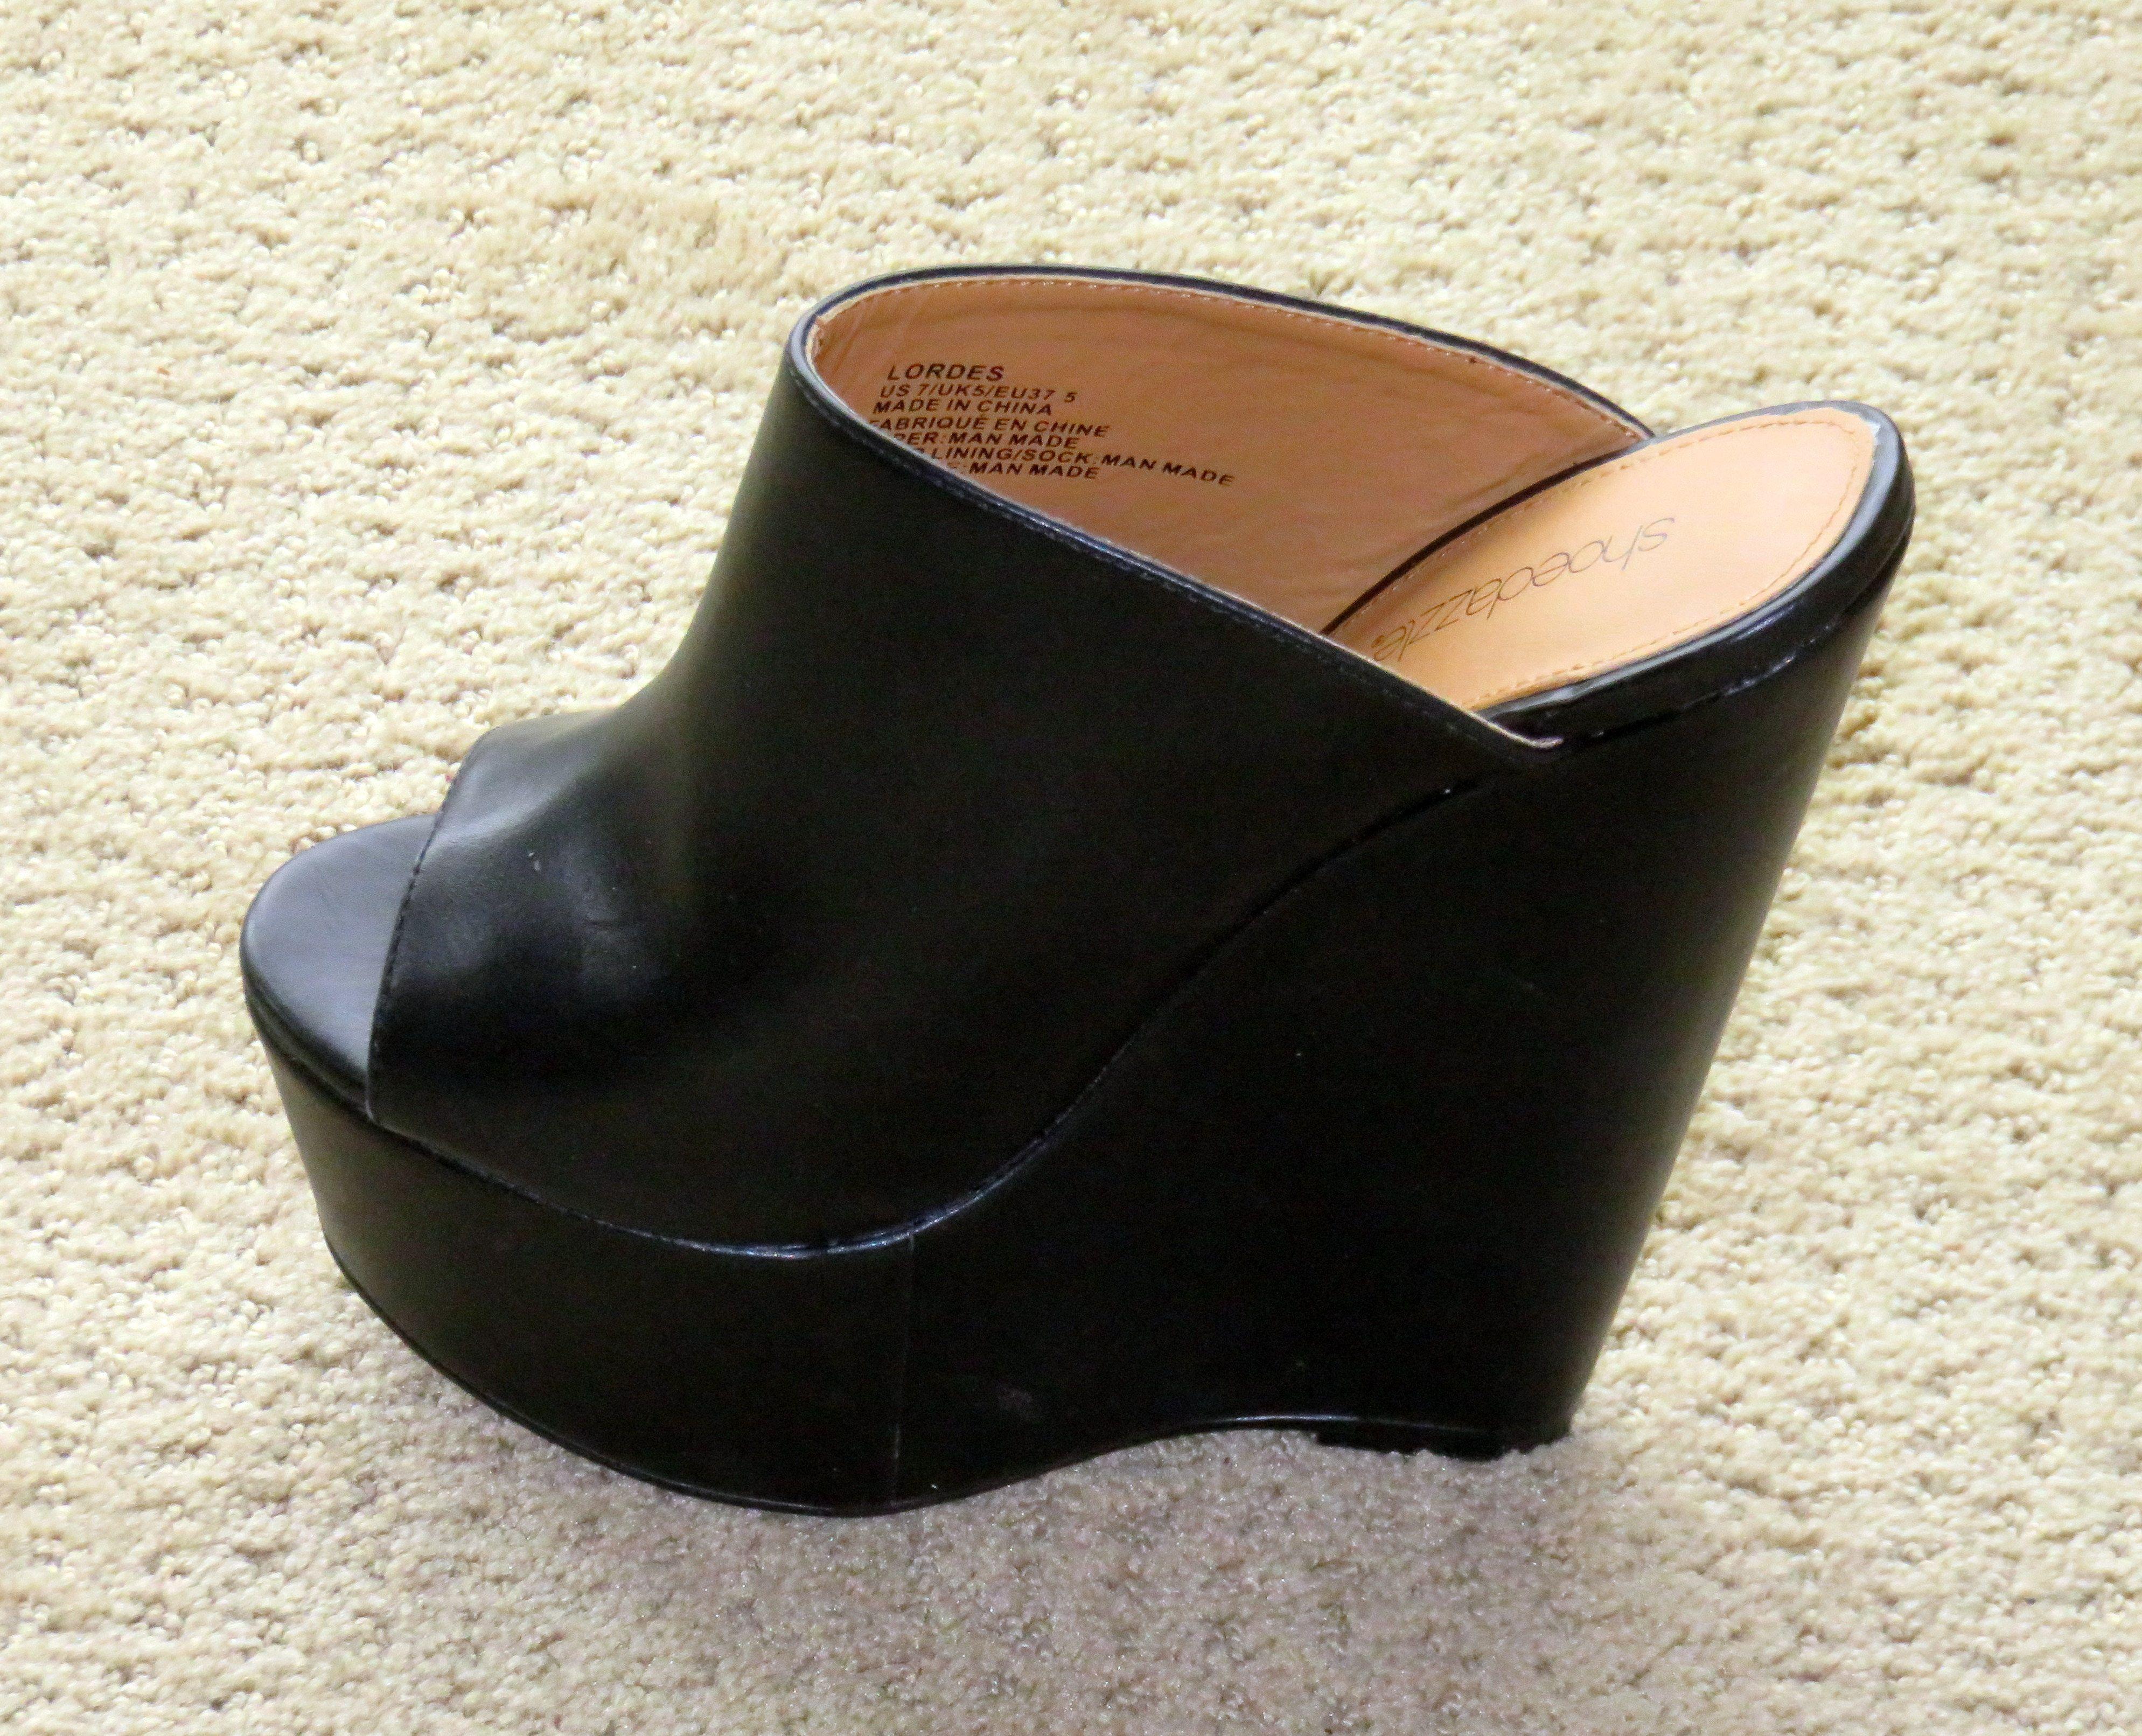 Lordes Platforms | Wedge heels, Heels